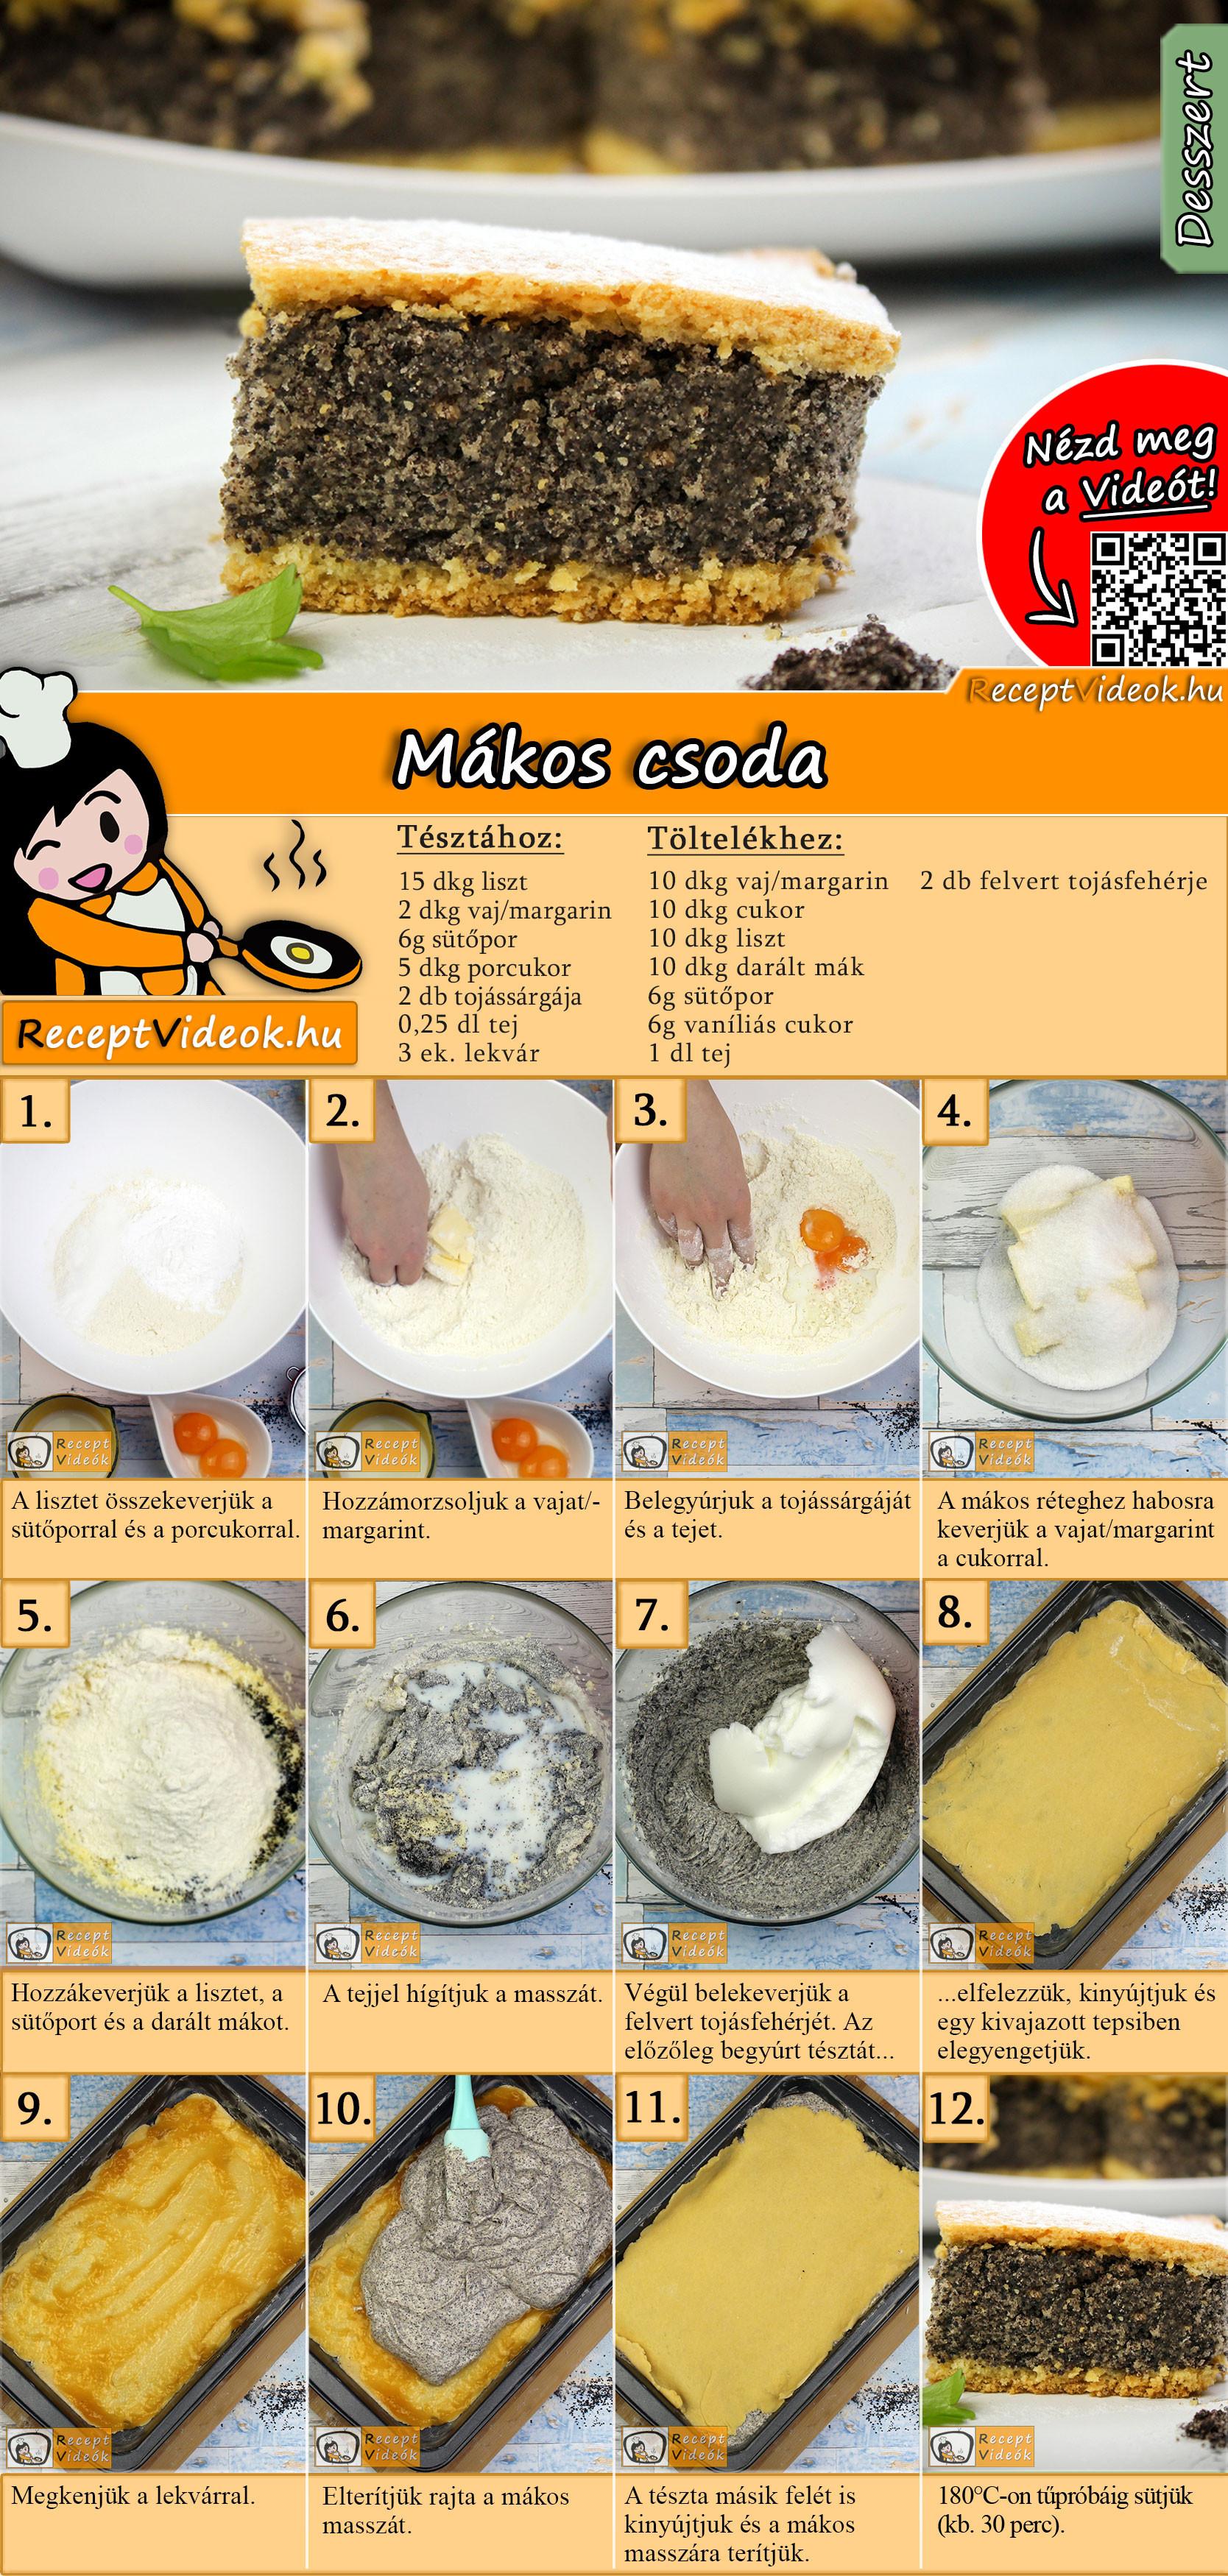 Mákos csoda recept elkészítése videóval